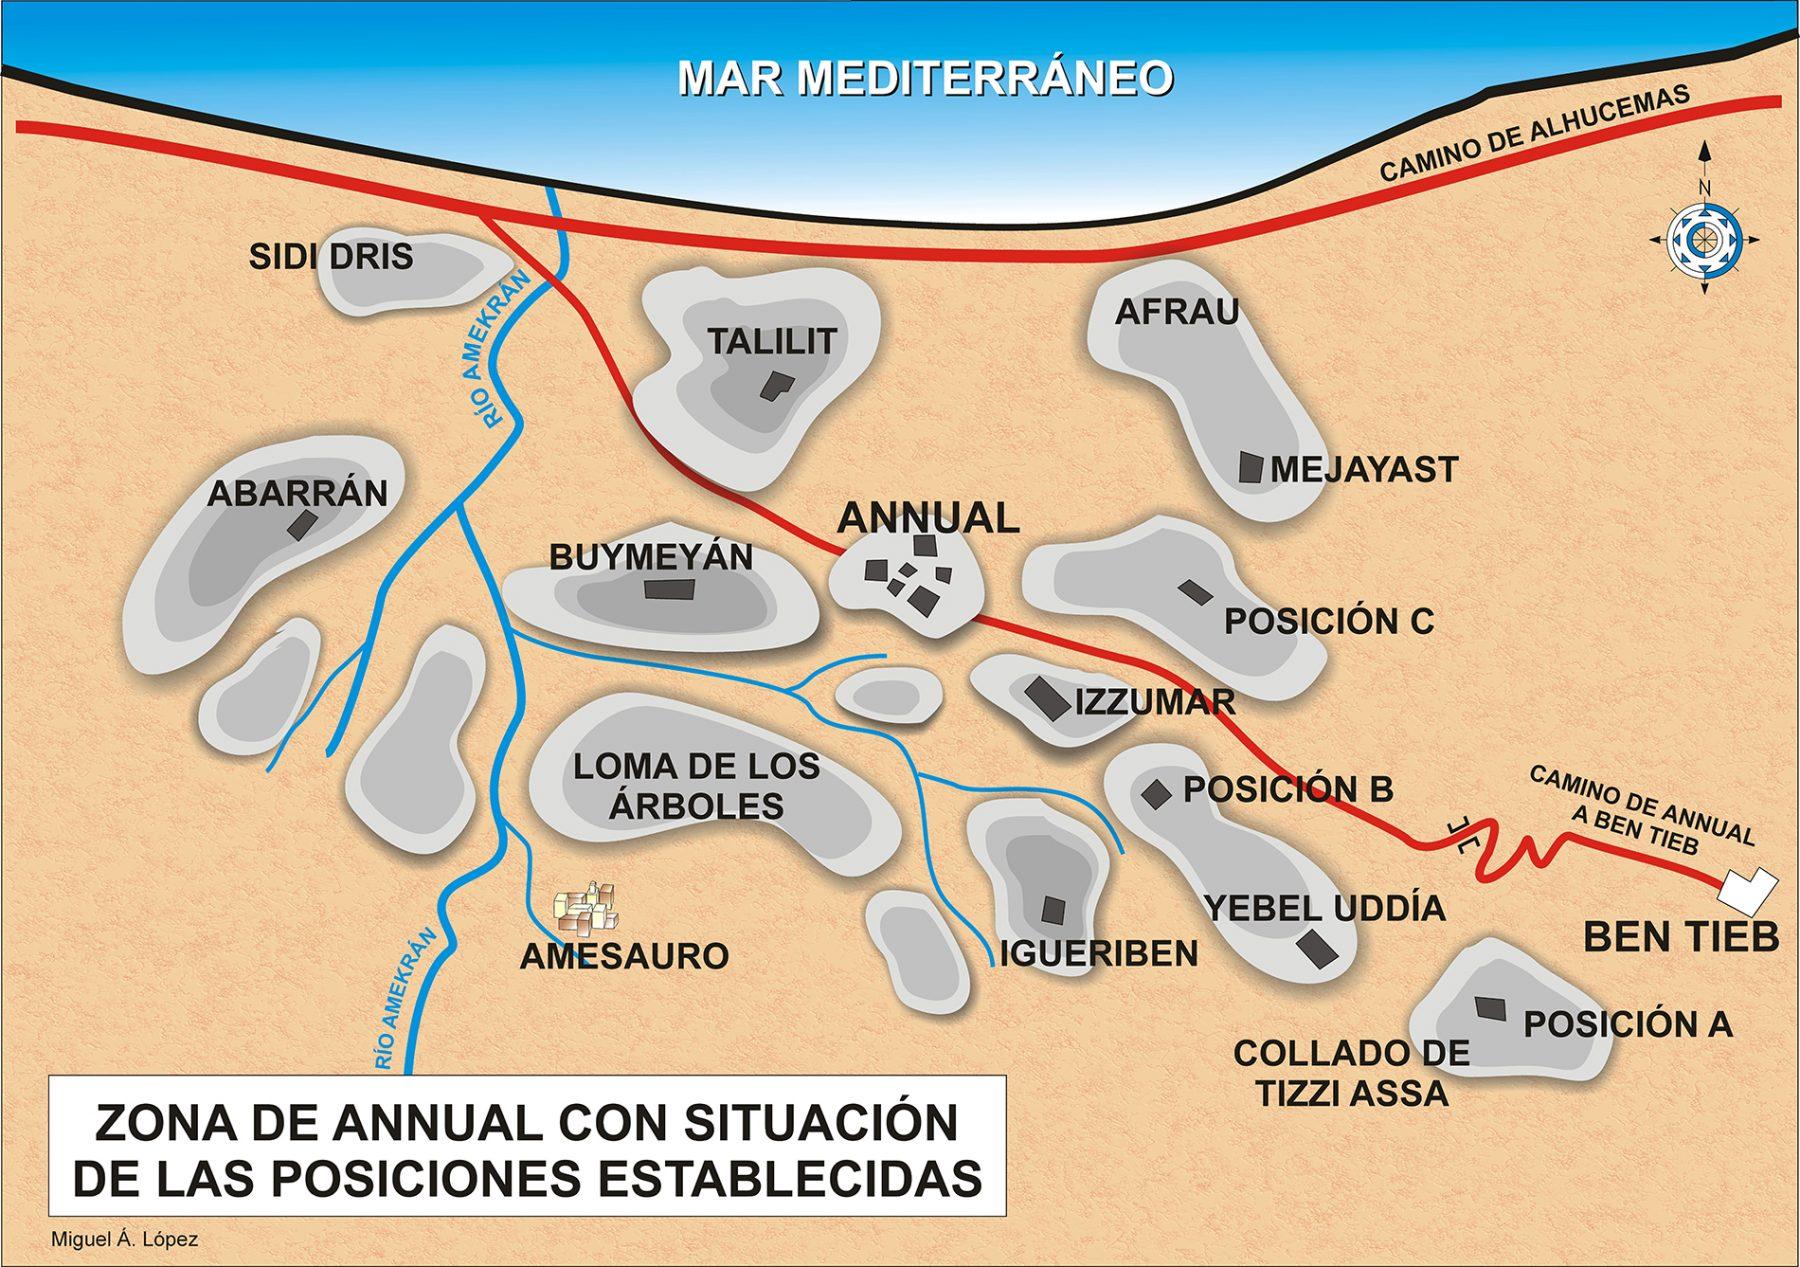 Mapa que muestra la zona de Annual y posiciones cercanas